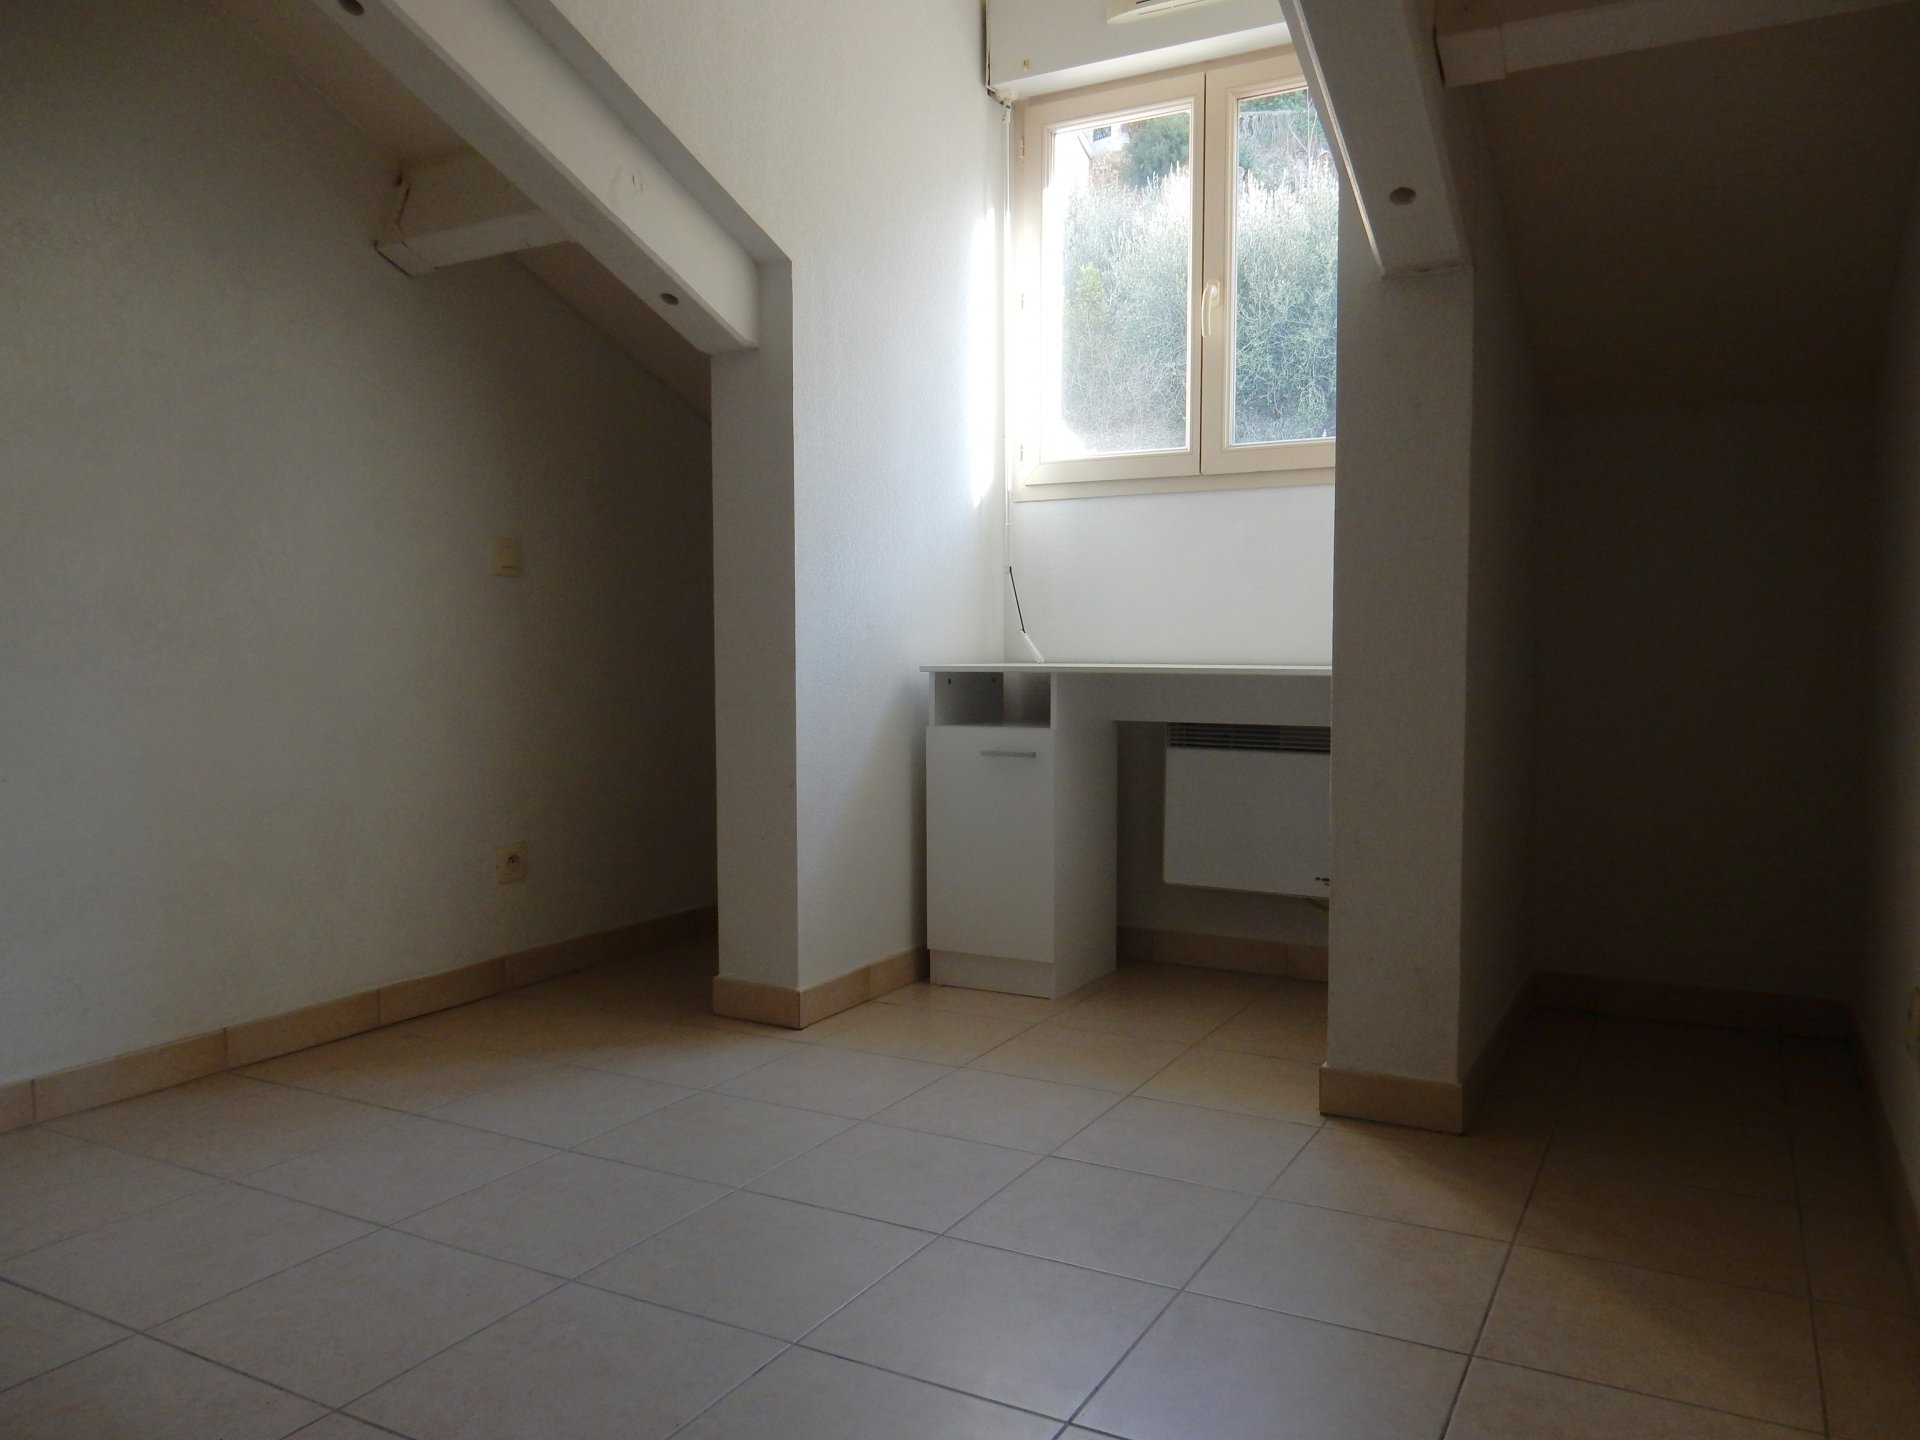 location Nice, 3 pièces 59.83m² situé  quartier Riquier